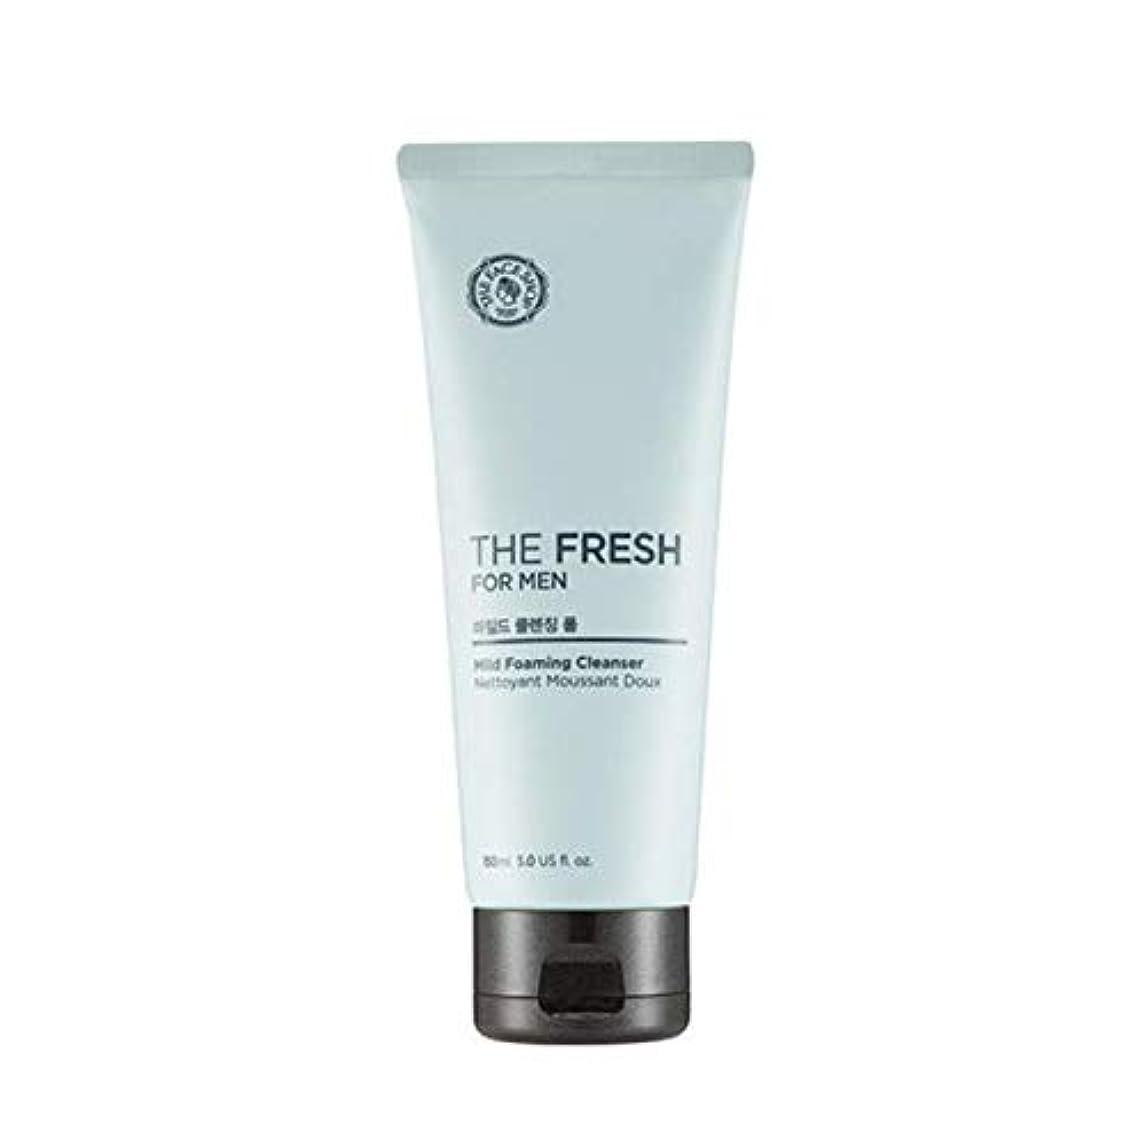 本体苦味部分的にザフェイスショップ ザフレッシュフォーメンマイルドフォーミングクレンザー 150ml / THE FACE SHOP The Fresh For Men Mild Foaming Cleanser 150ml [並行輸入品]